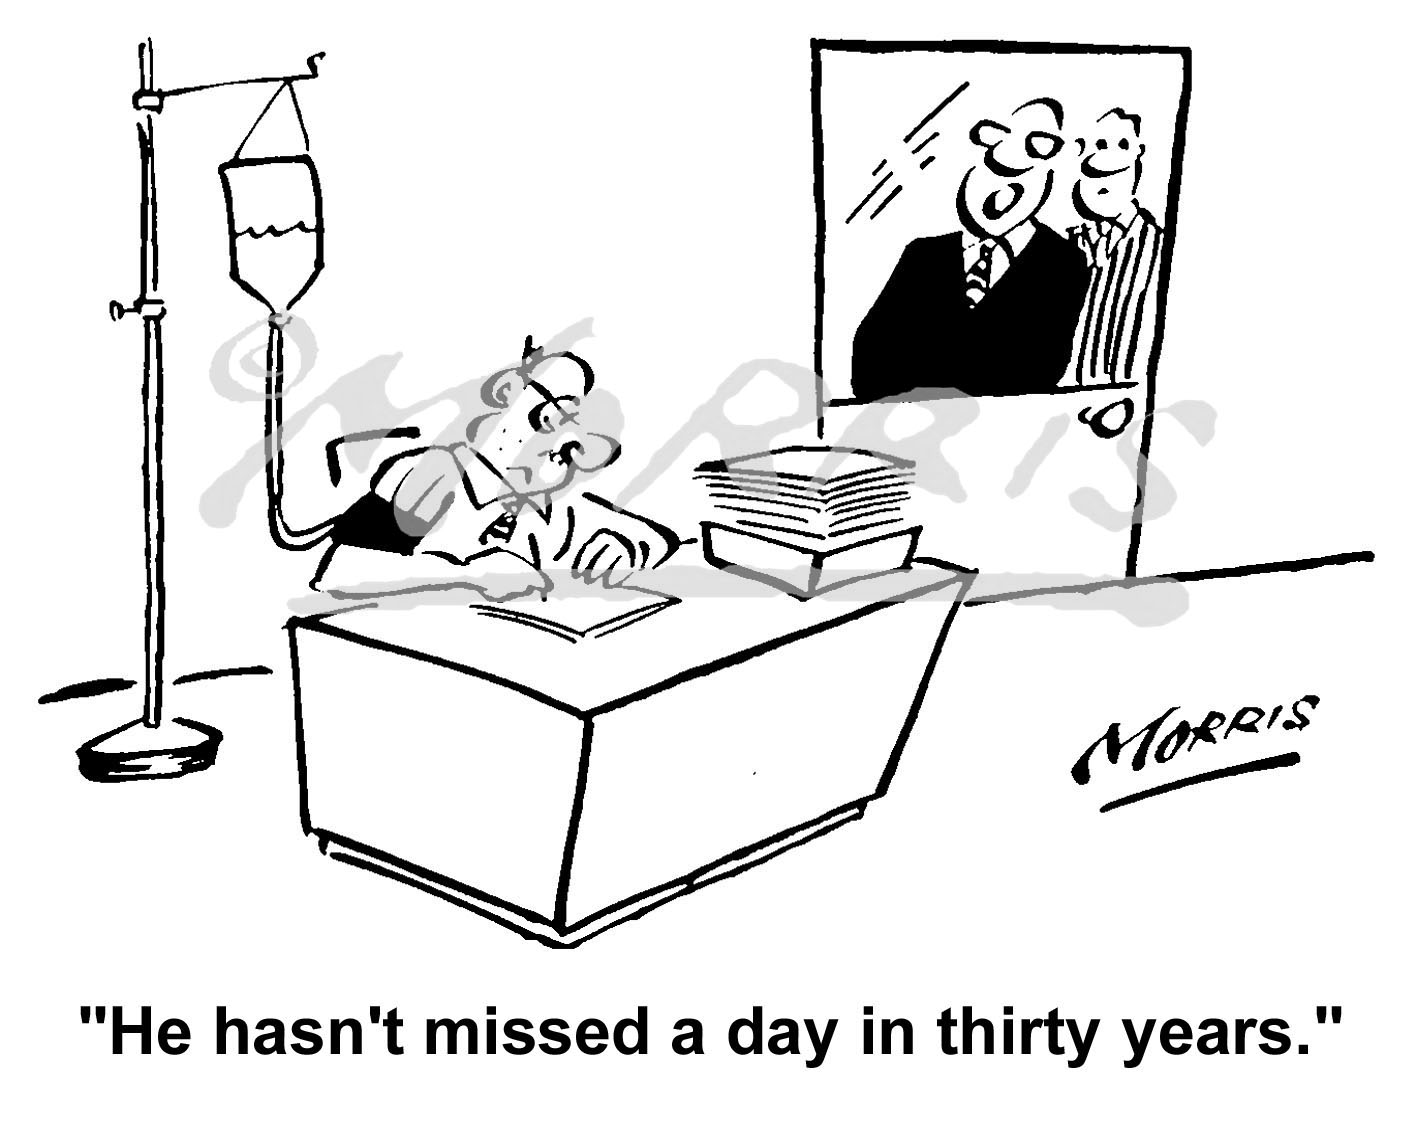 Office emoloyee cartoon Ref: 1628bw